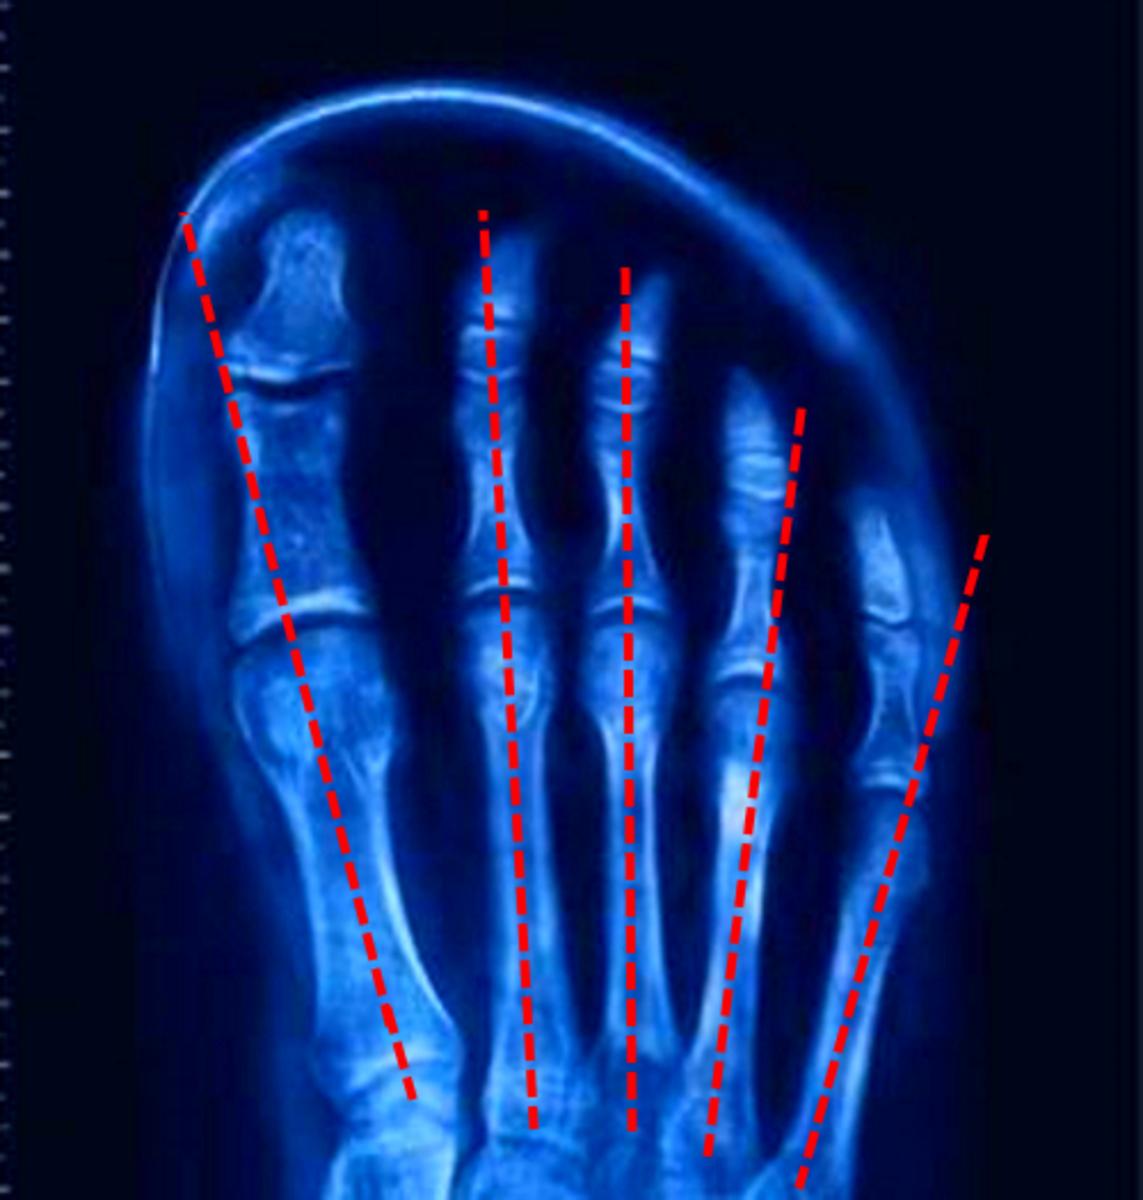 fan shaped bones just like in the hand